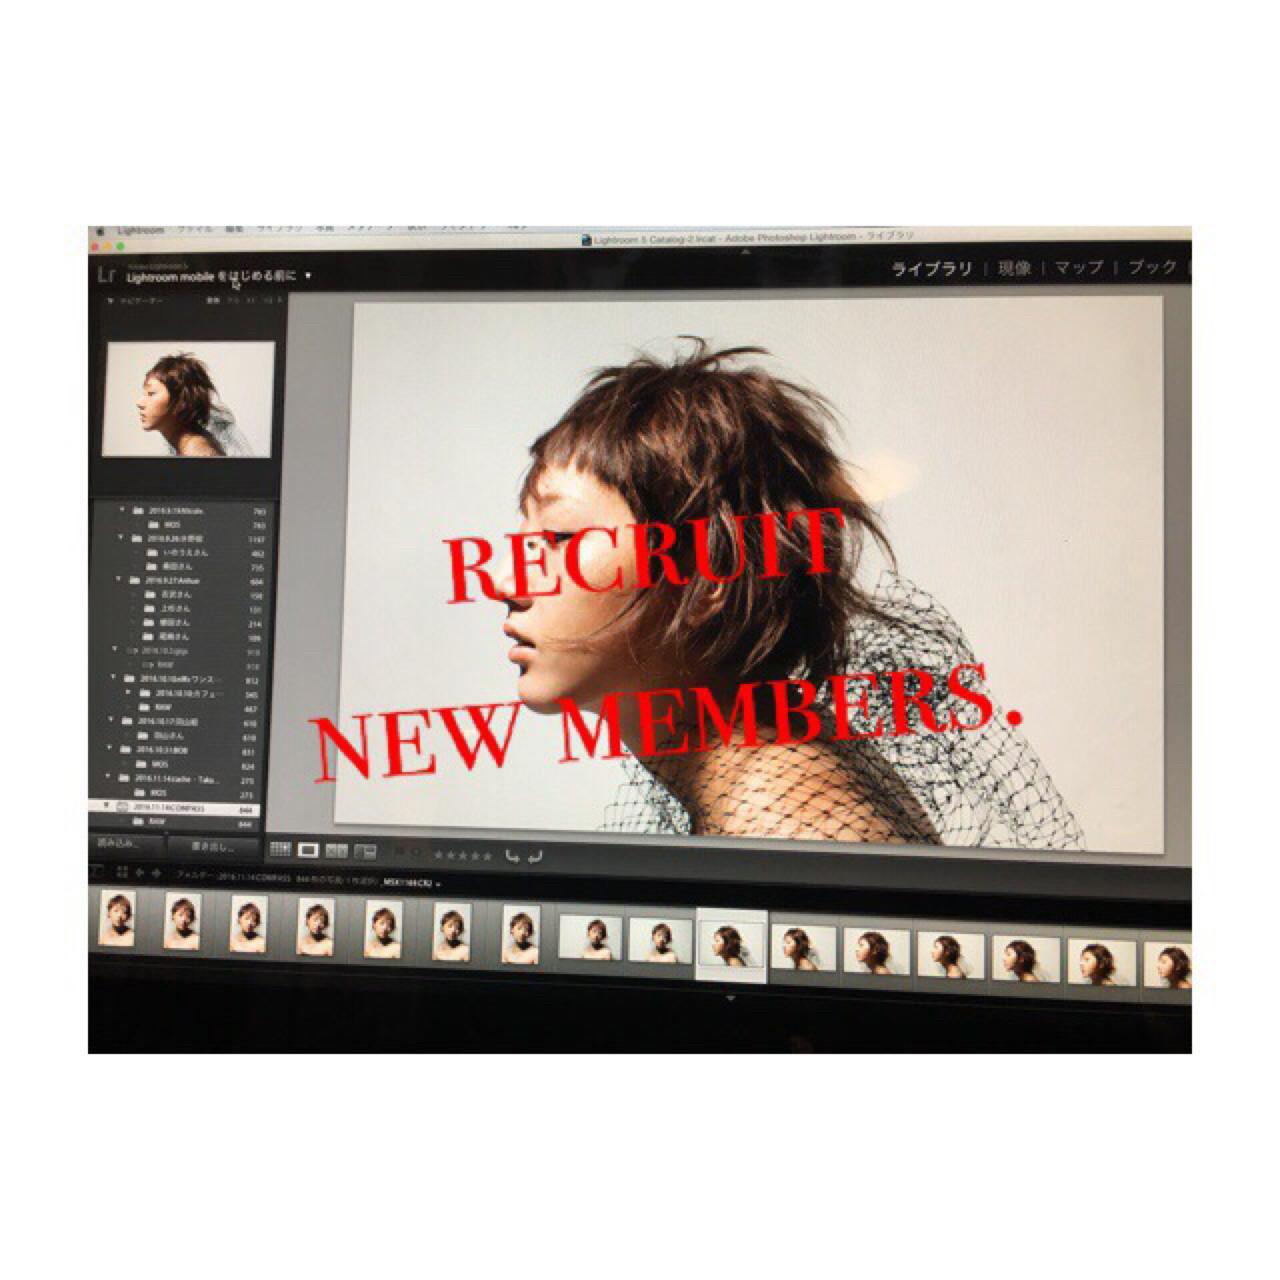 シースルーバング ボブ 波ウェーブ ナチュラル ヘアスタイルや髪型の写真・画像